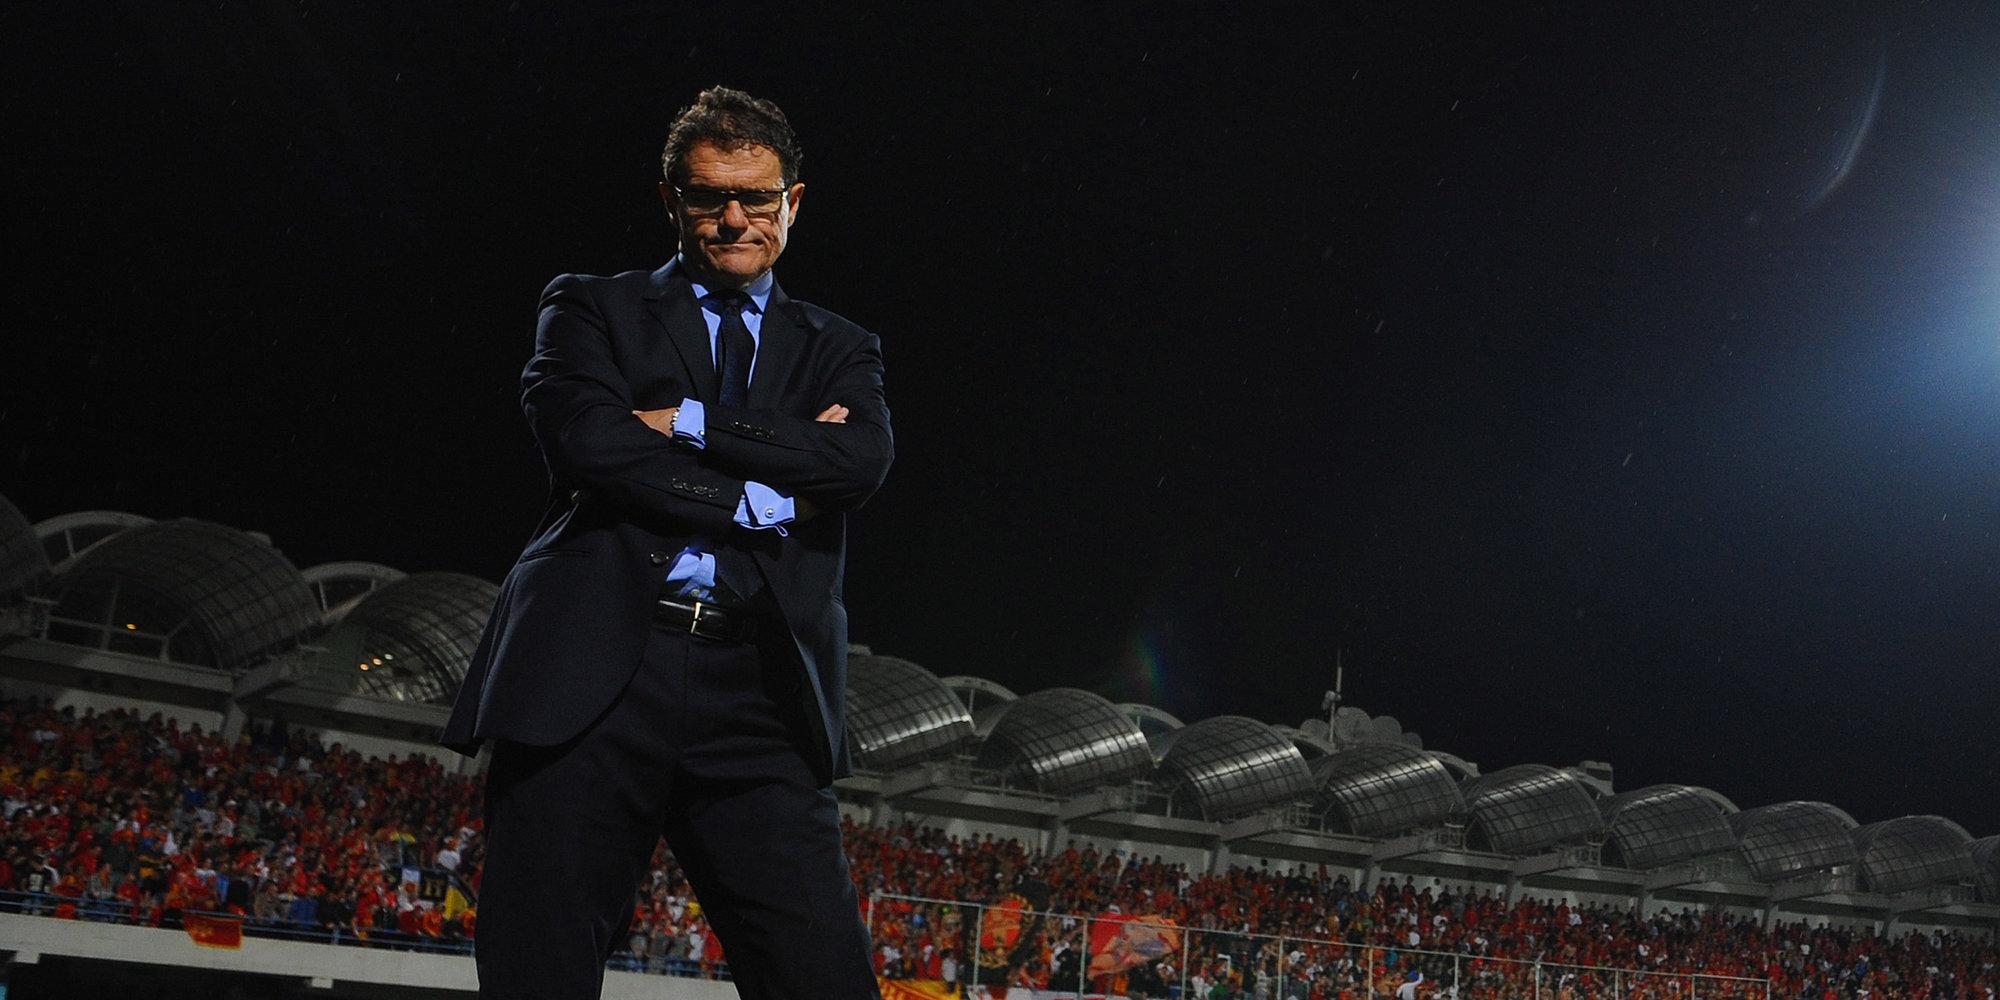 Экс-наставник сборной Российской Федерации Фабио Капелло объявил озавершении карьеры